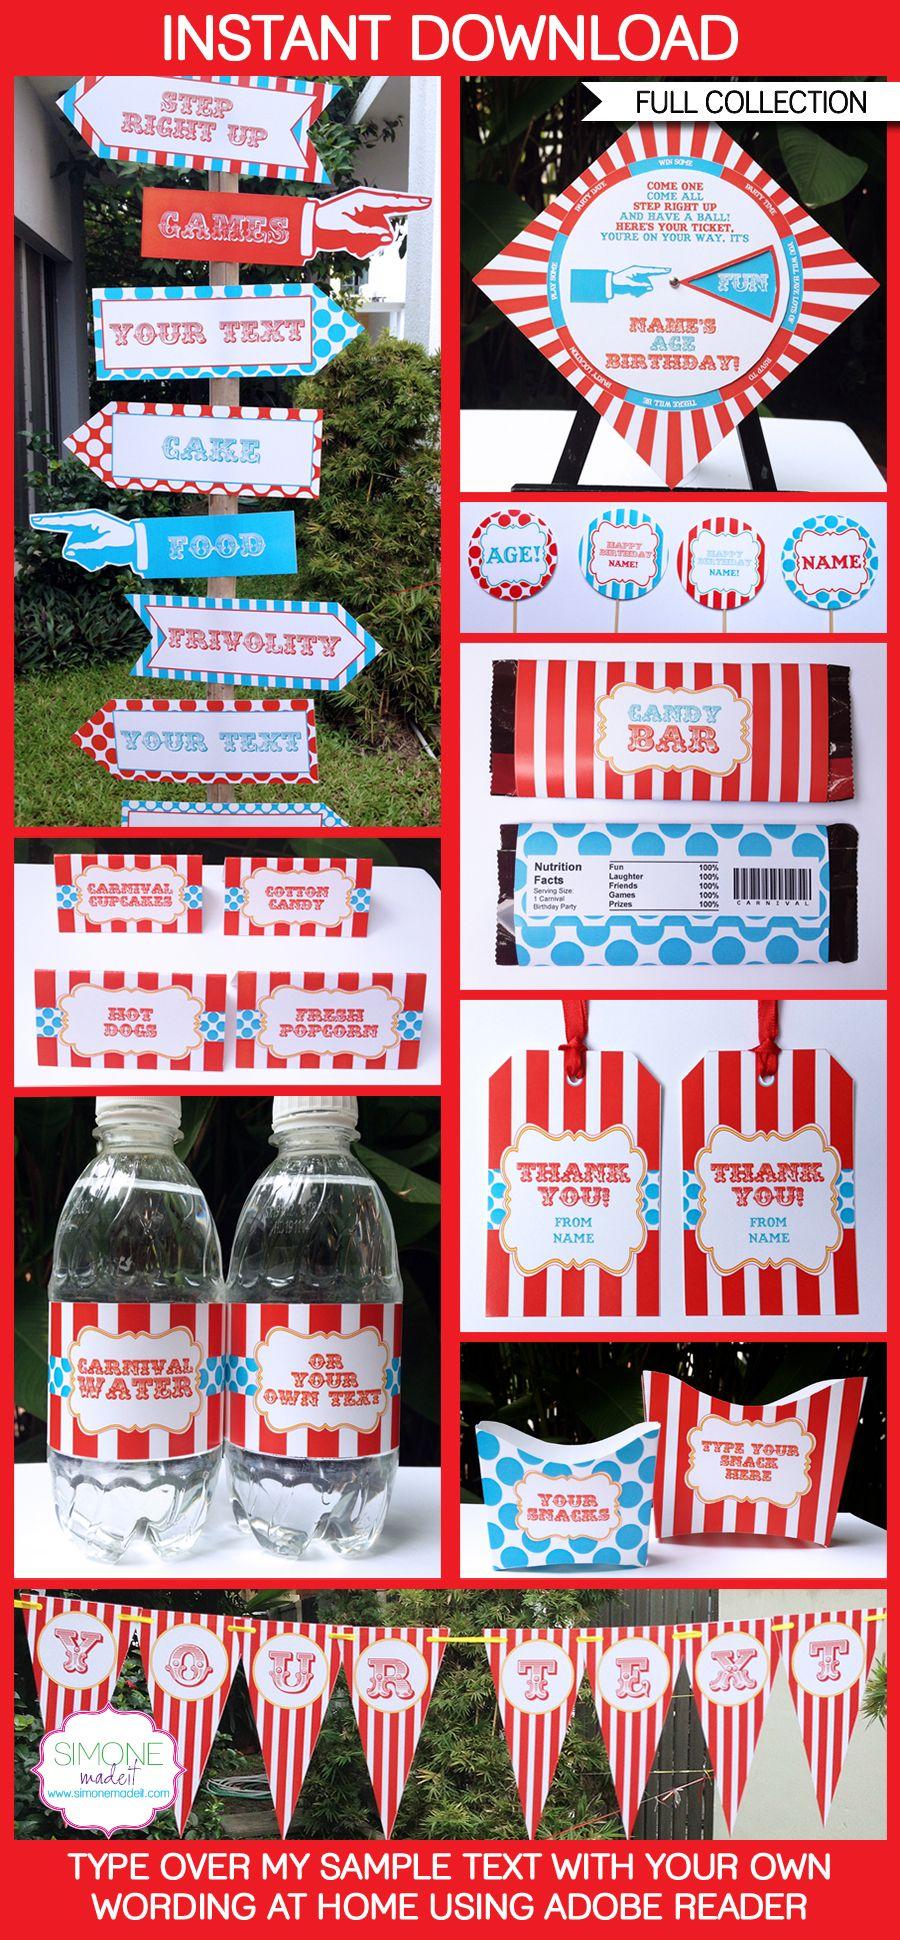 Circus Party Printables Invitations & Decorations – red & aqua